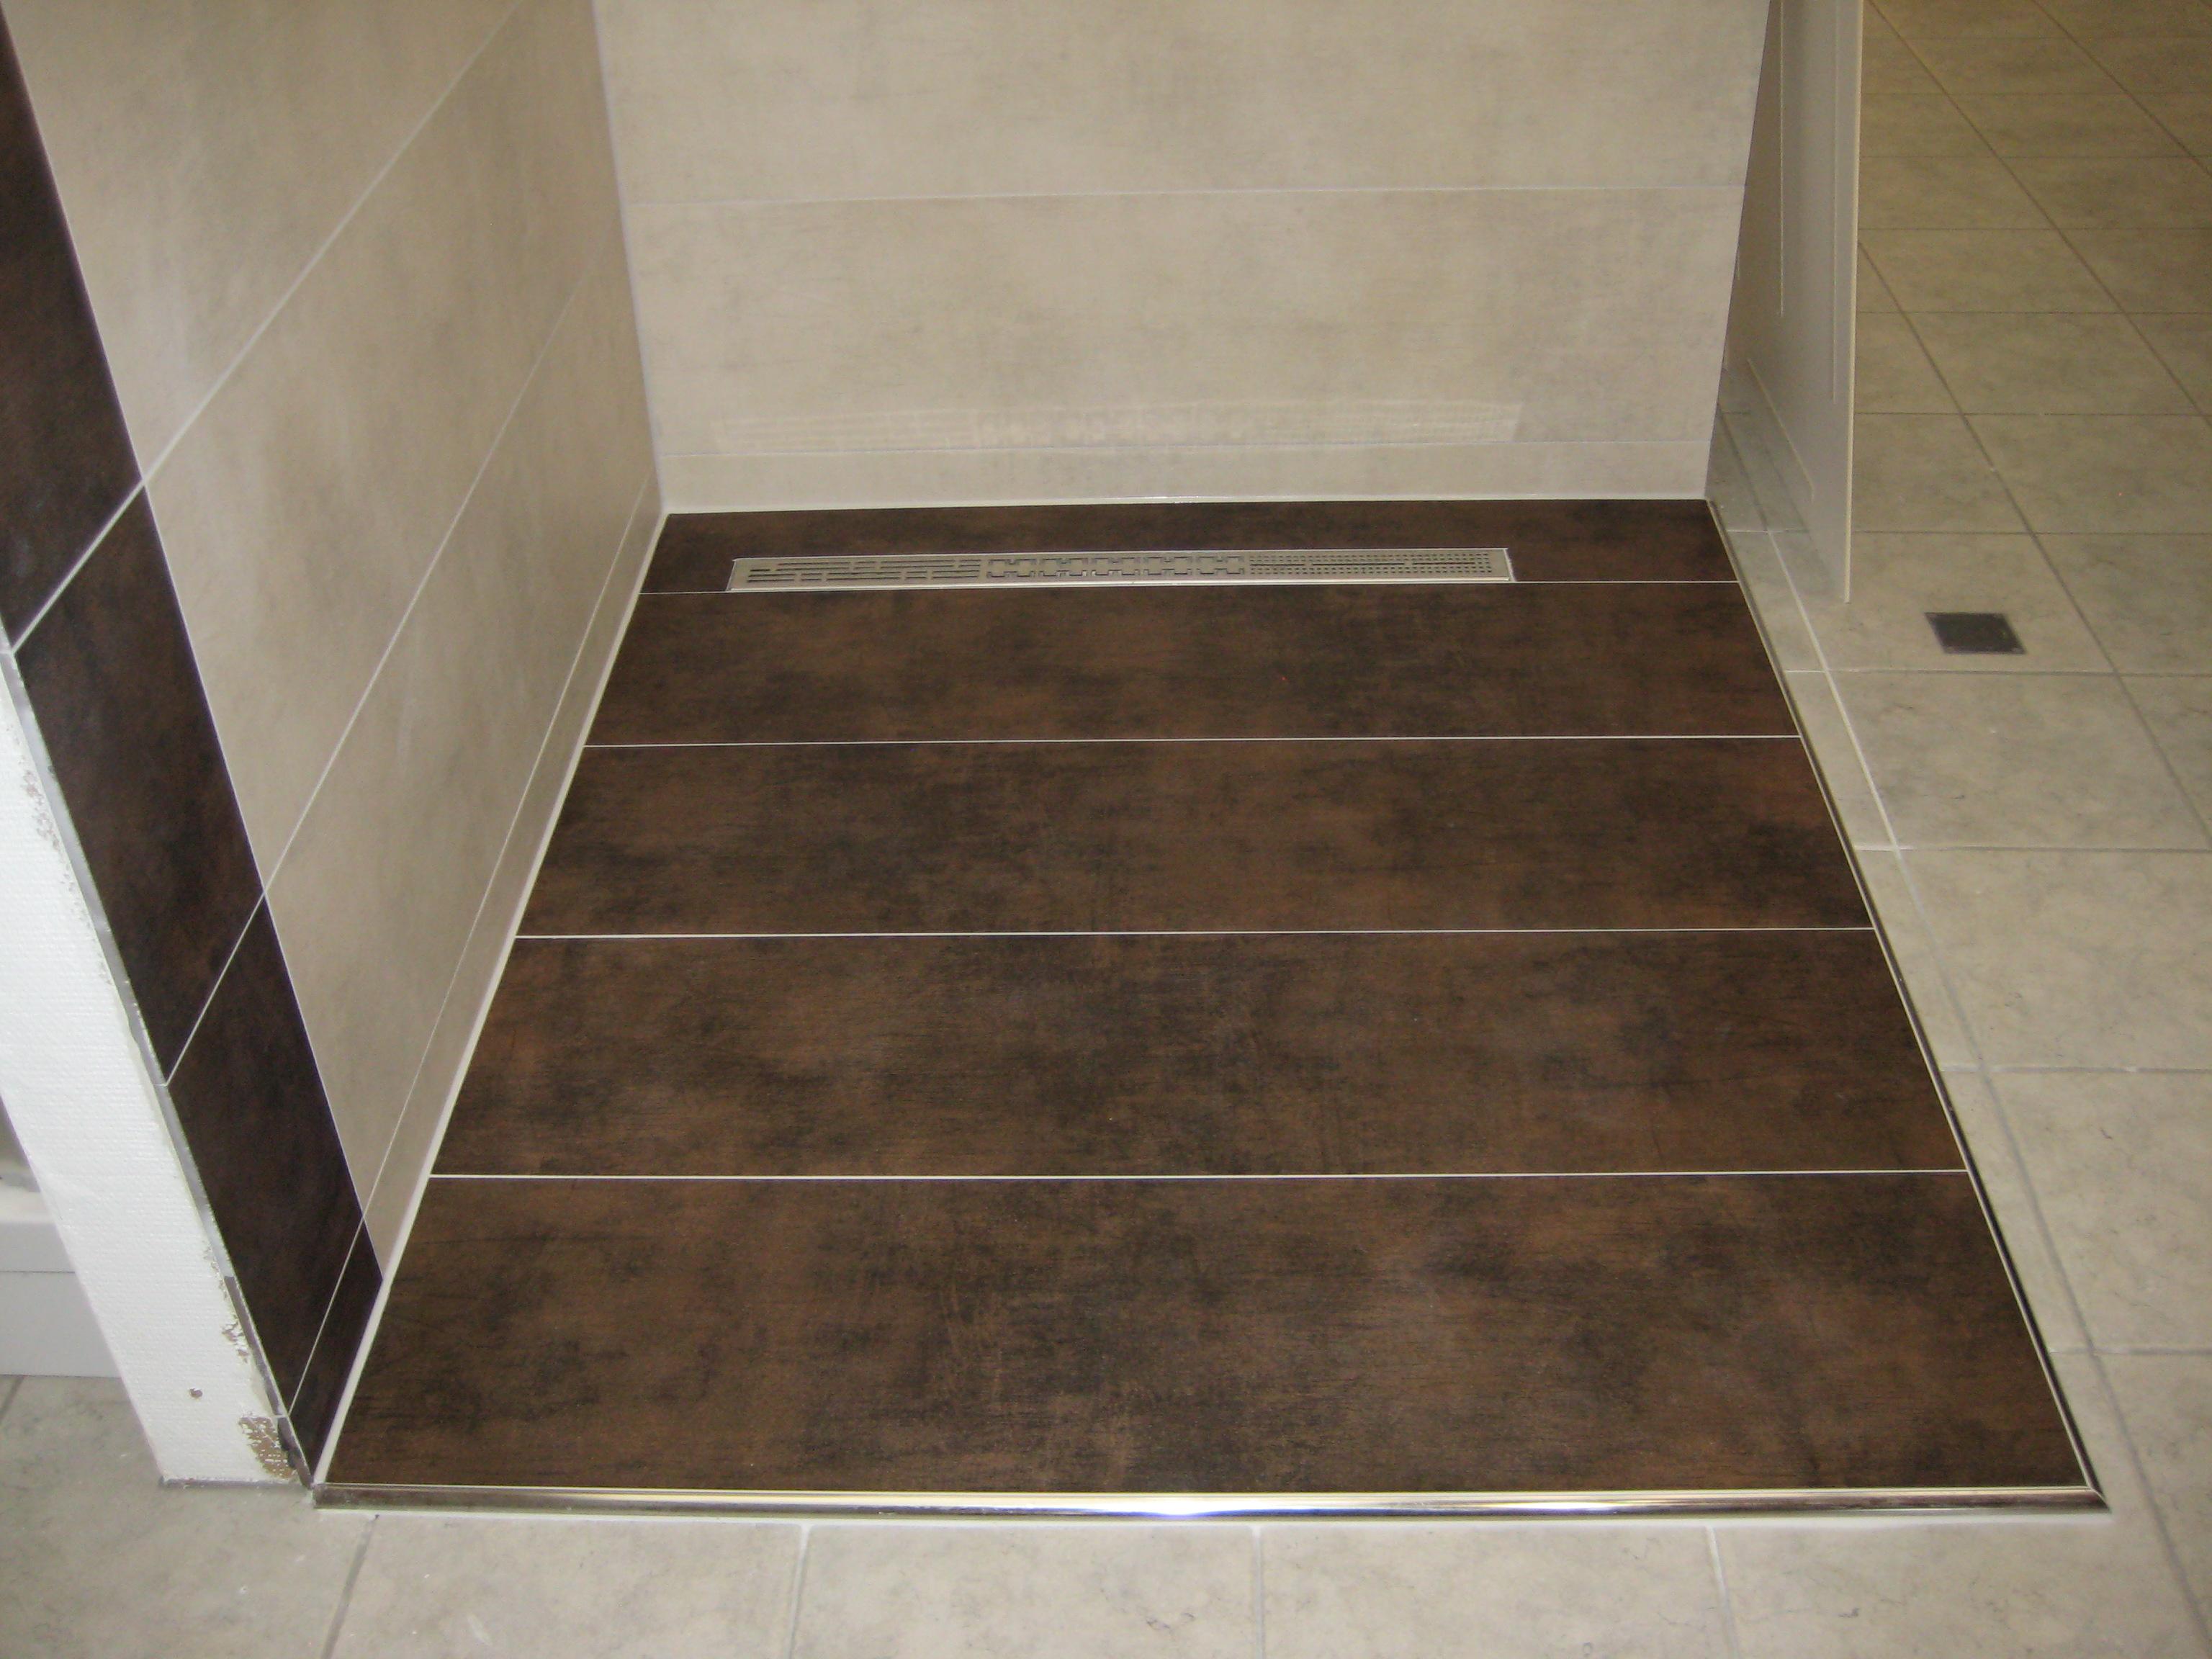 View Images Dusche Ohne Fugen Fliesen Ohne Fugen Badezimmer Ohne Fliesen.